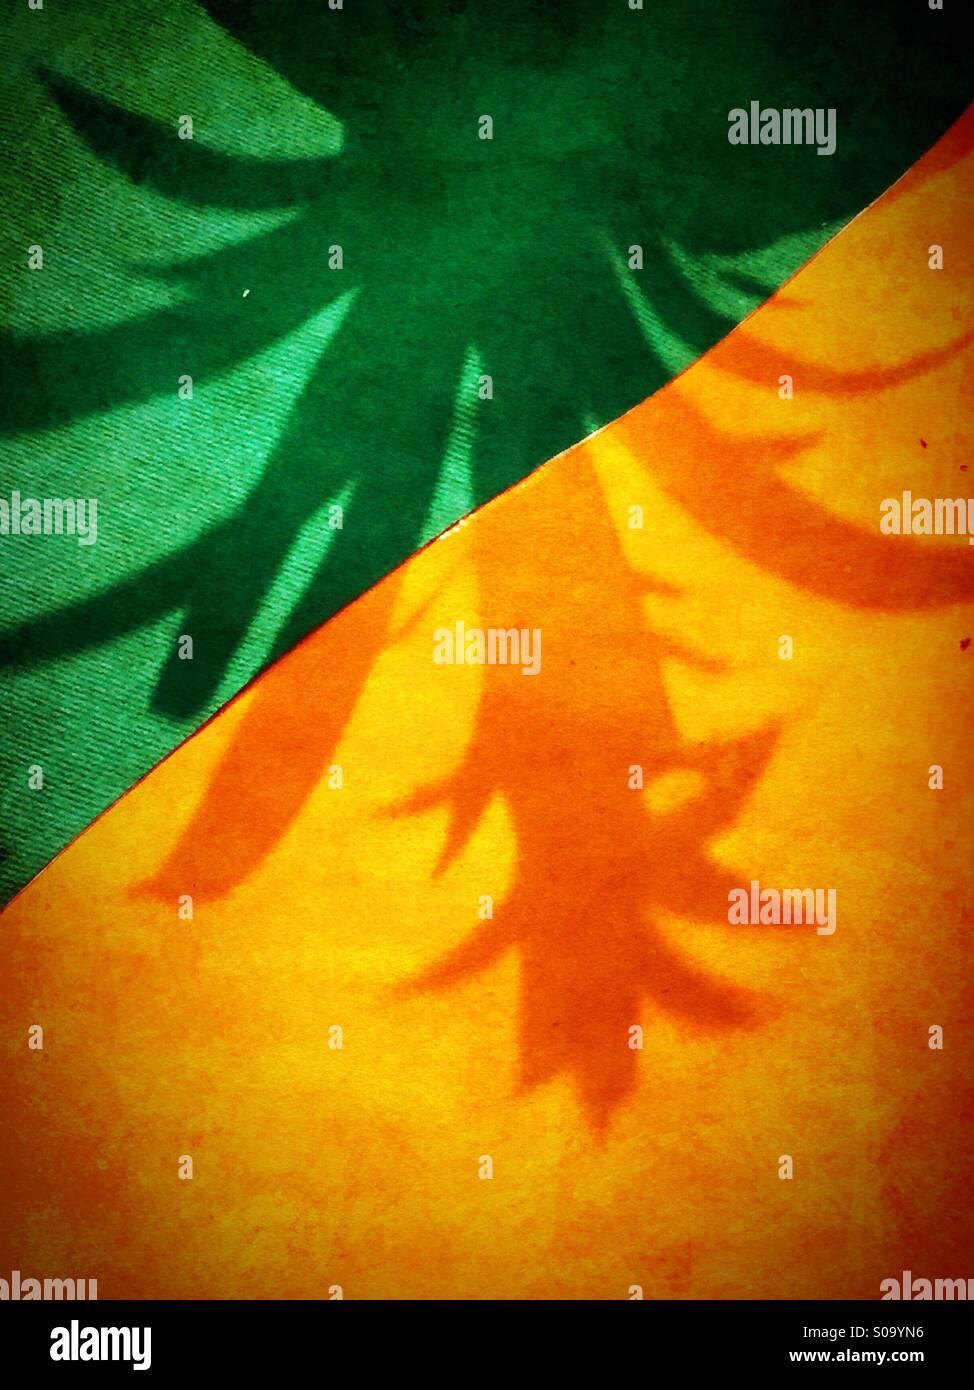 Ein Schatten einer gefälschten Palme auf einer bunten Etage Stockbild